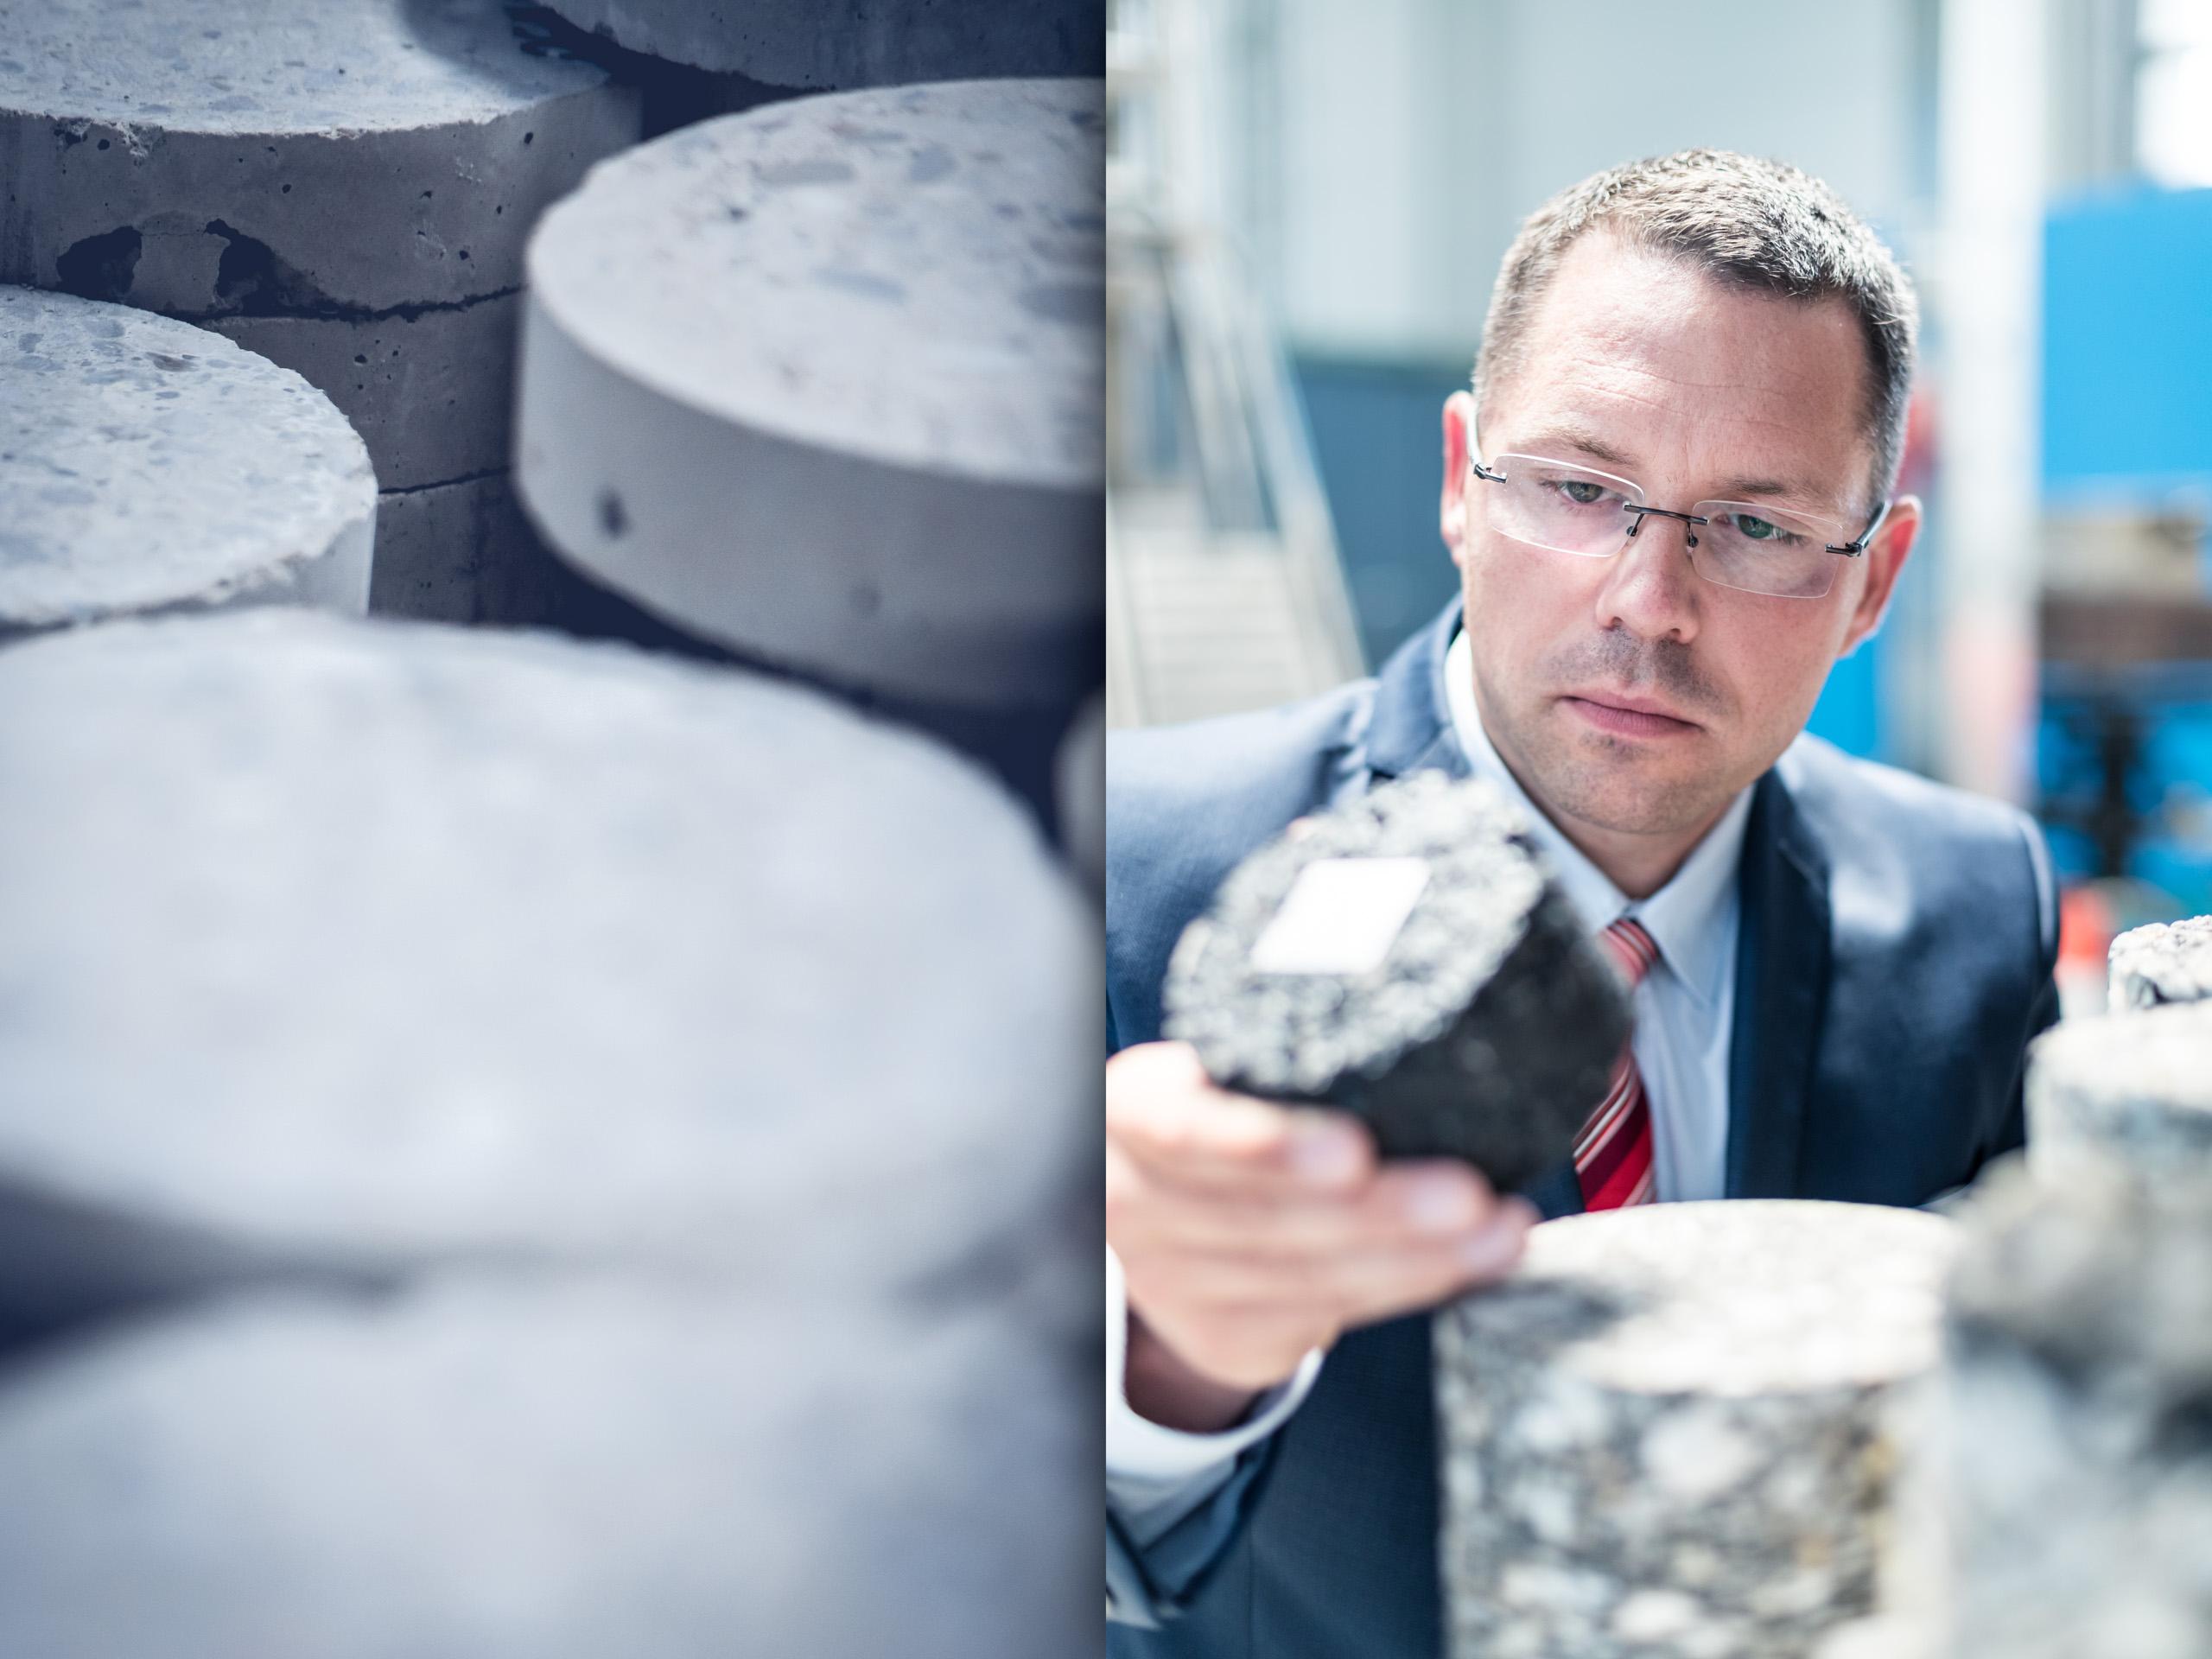 Emotional Detail von Beton Proben und Mitarbeiter in Anzug mit Brille inspiziert